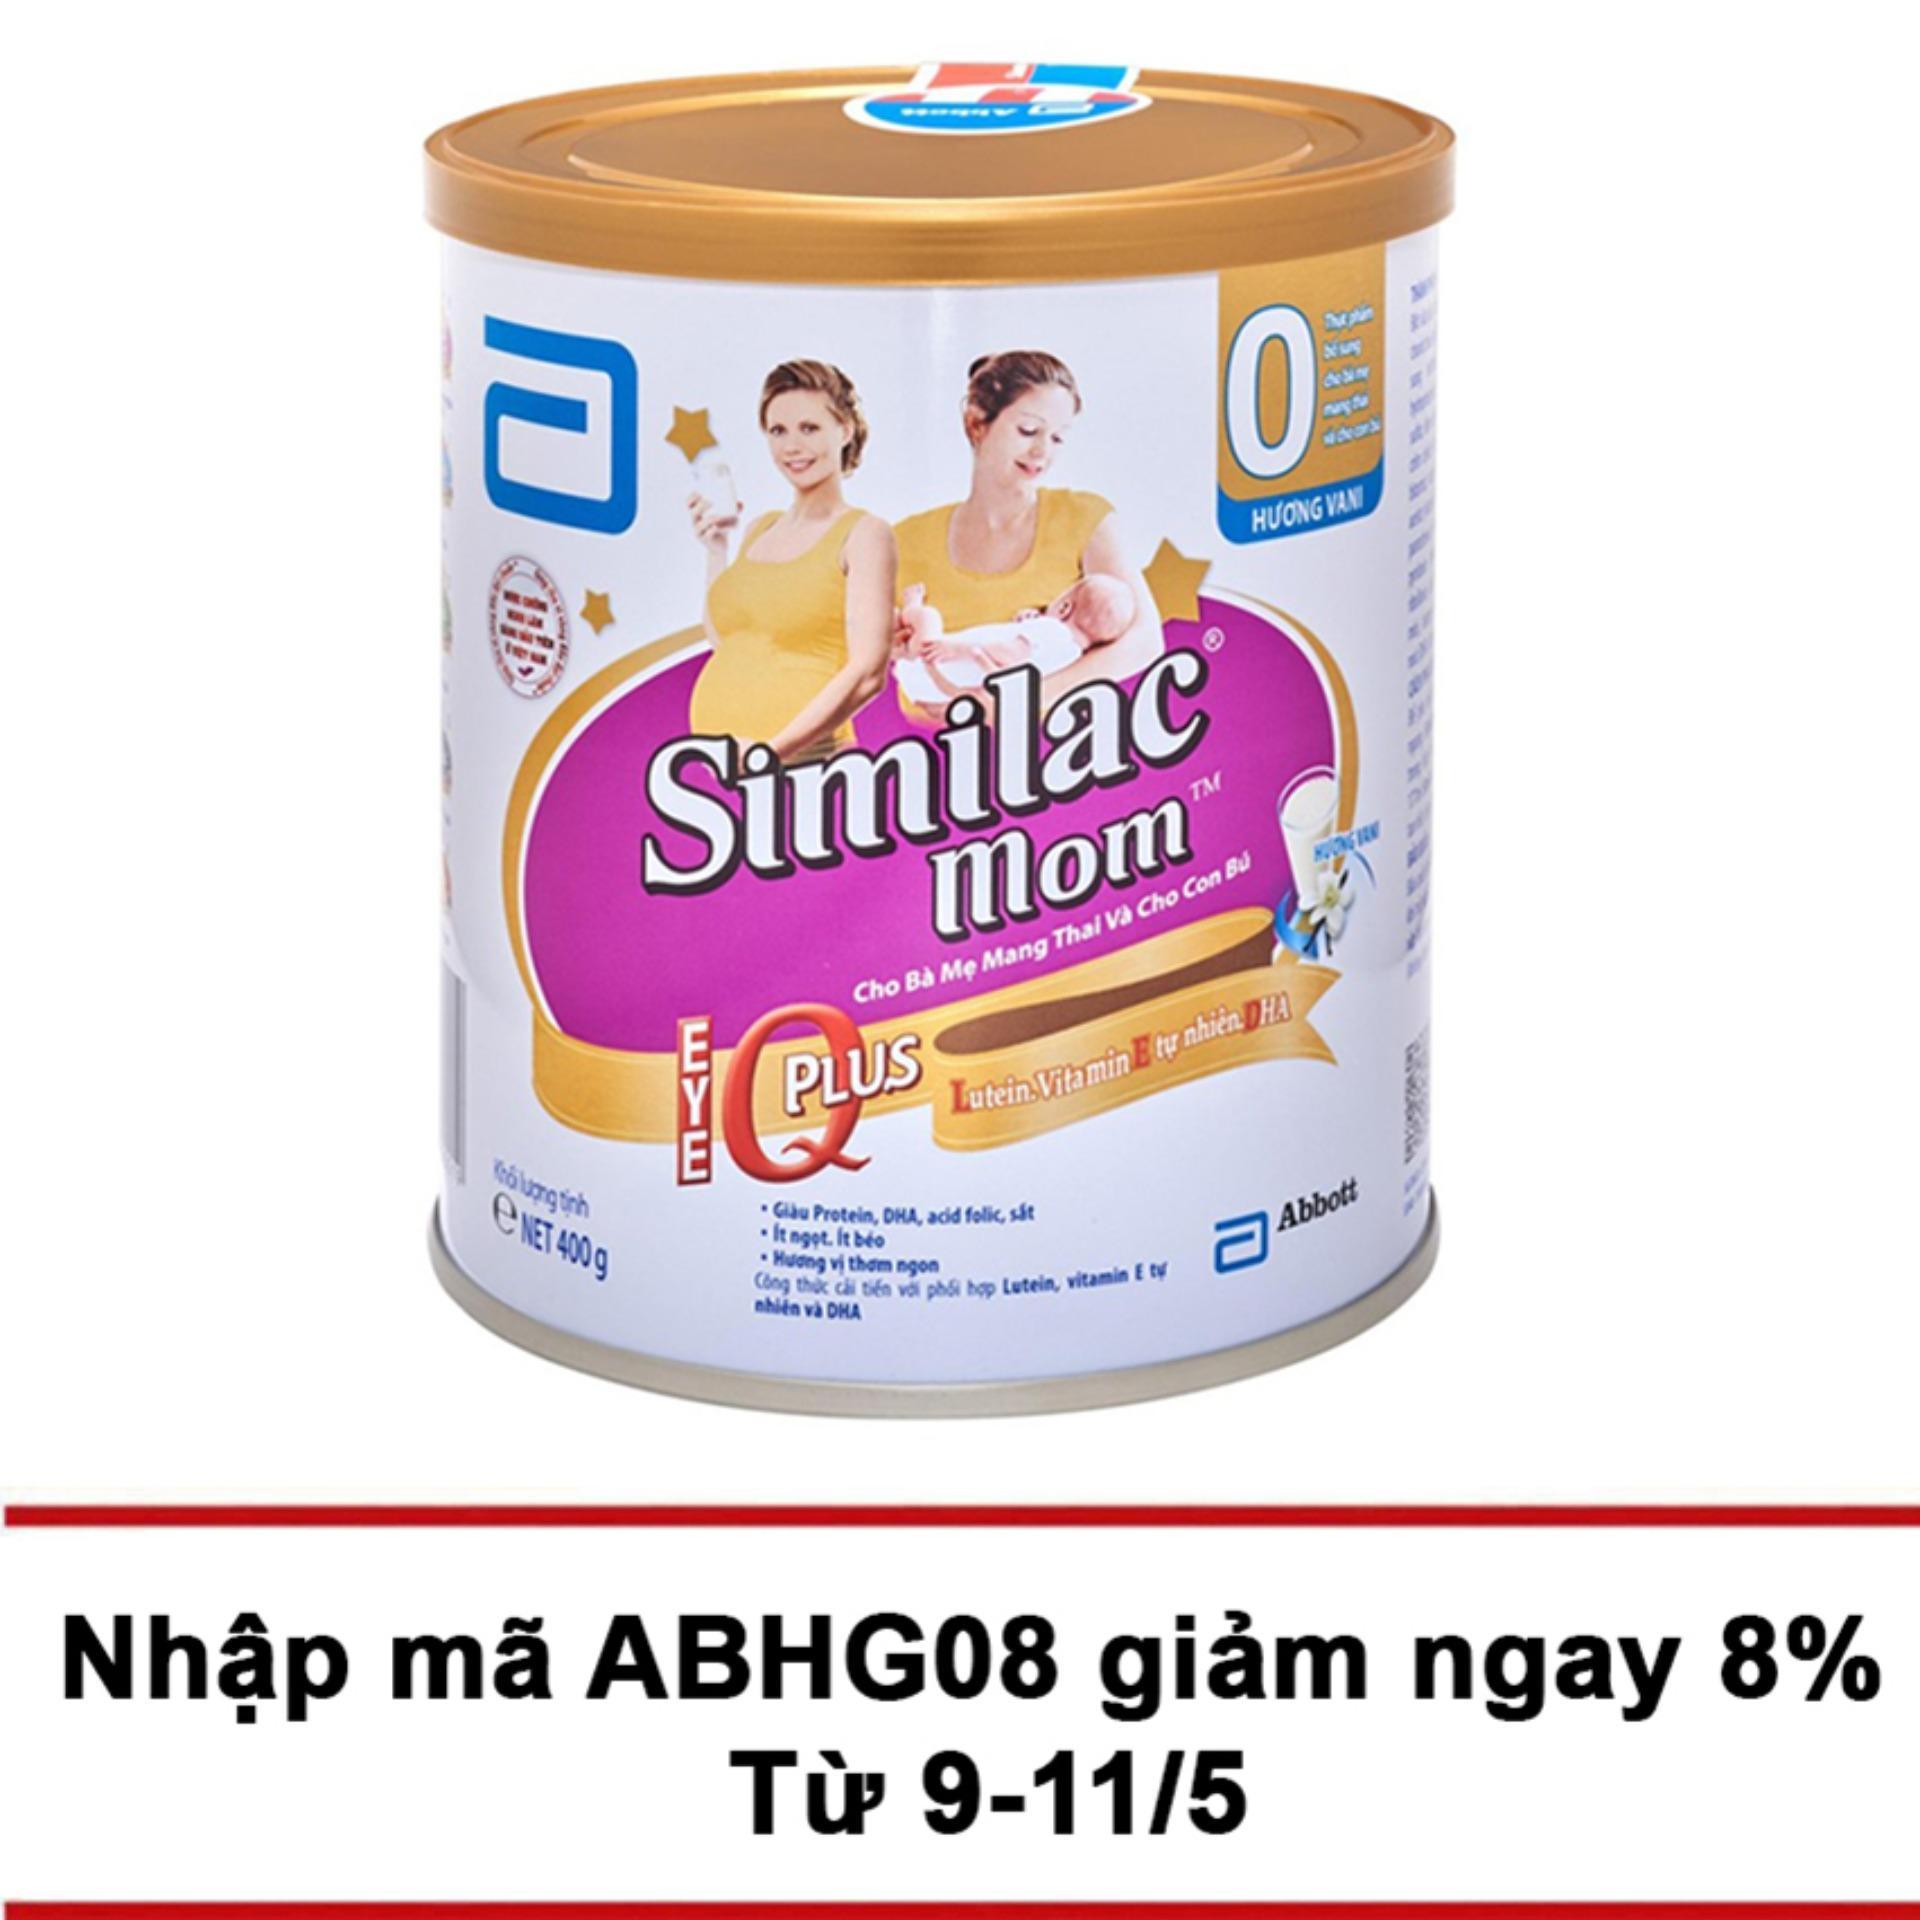 Mua Sữa Bột Similac Mom Hương Vani 400G Rẻ